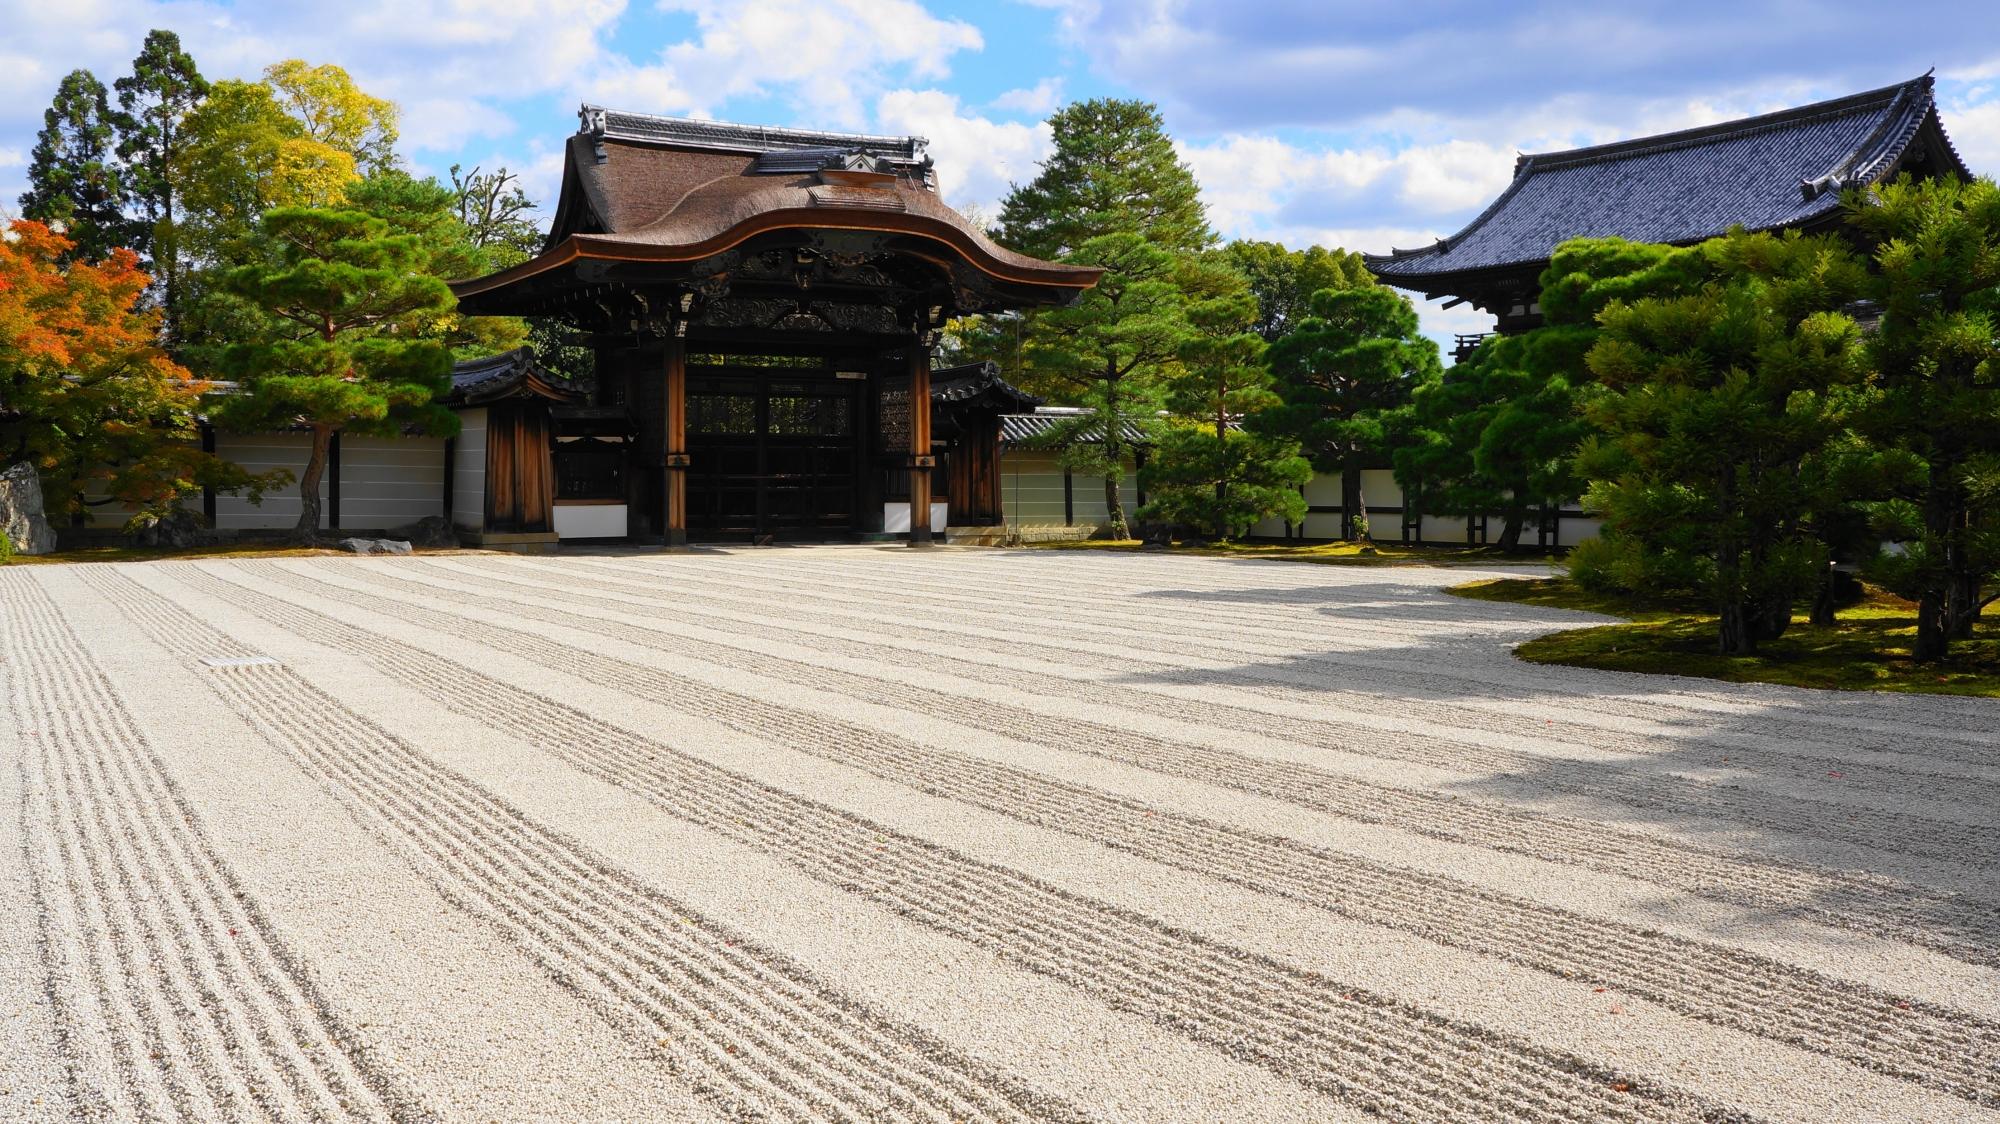 紅葉もあるが常緑の木々が多い仁和寺の御殿南庭